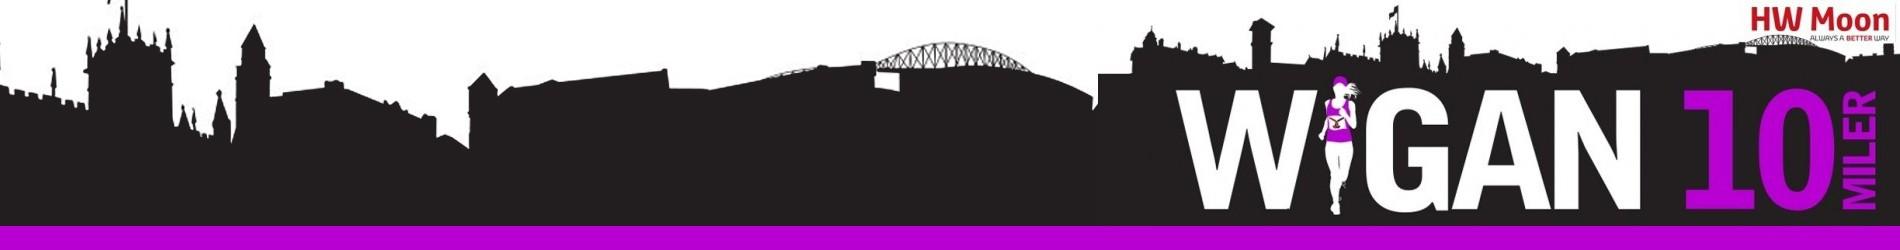 The Wigan 10 Miler 2022